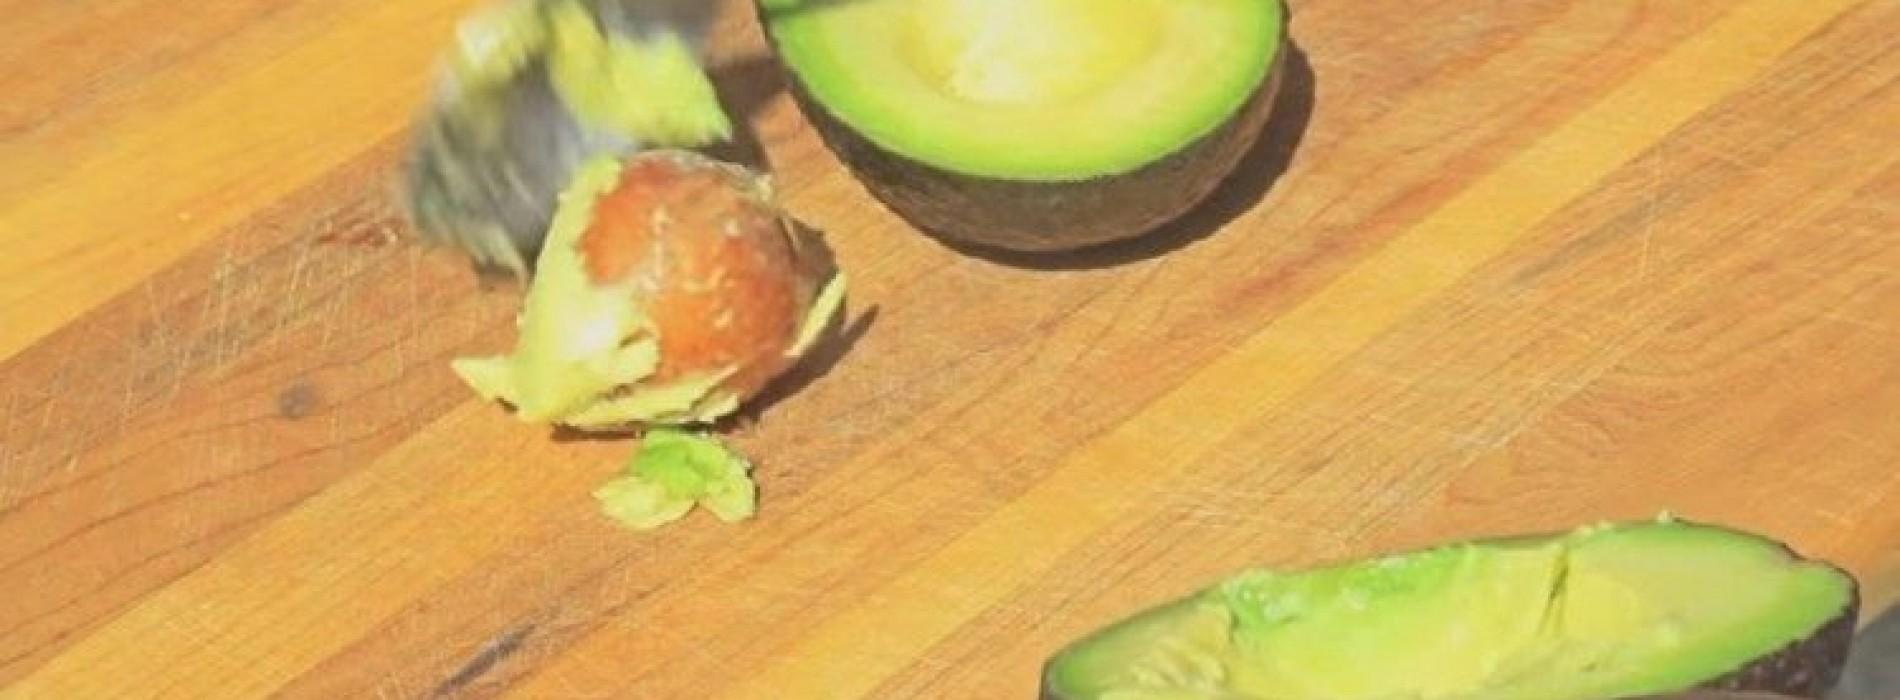 Gooi jij altijd de pit van een avocado weg? Vanaf nu niet meer, wondermiddeltje!